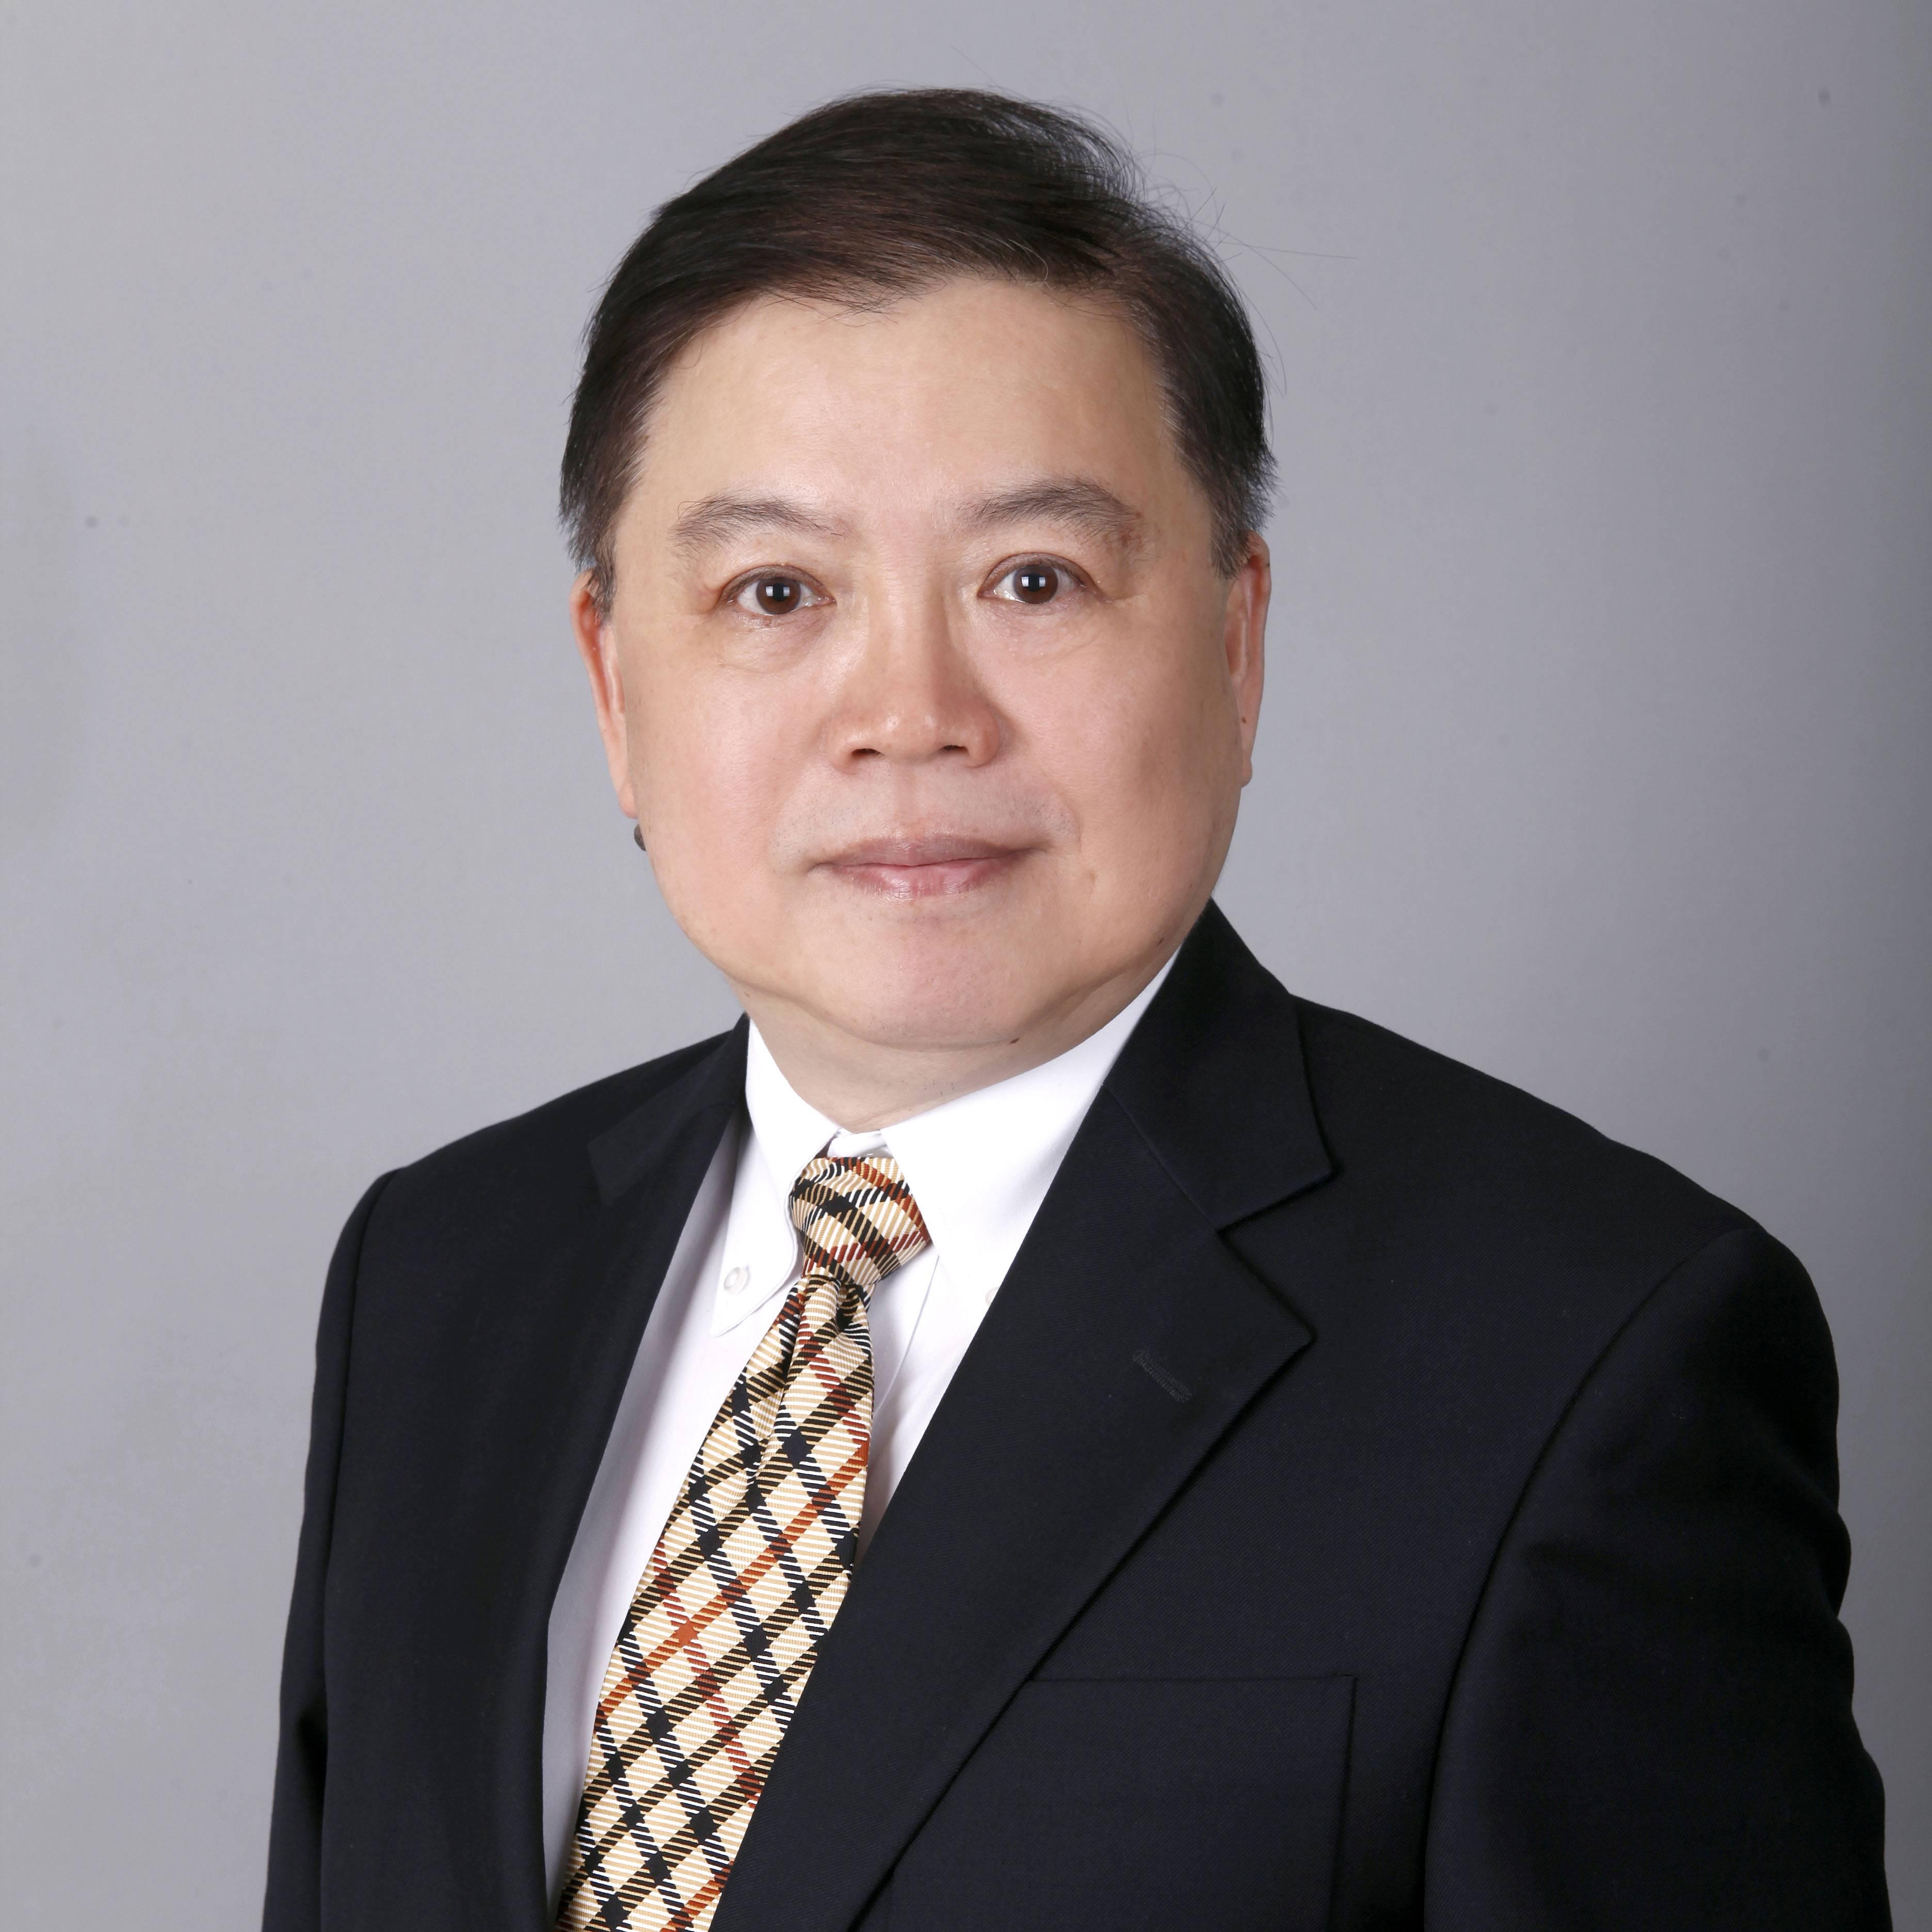 枫玉科技 创始人&法学计算机博士 王运嘉